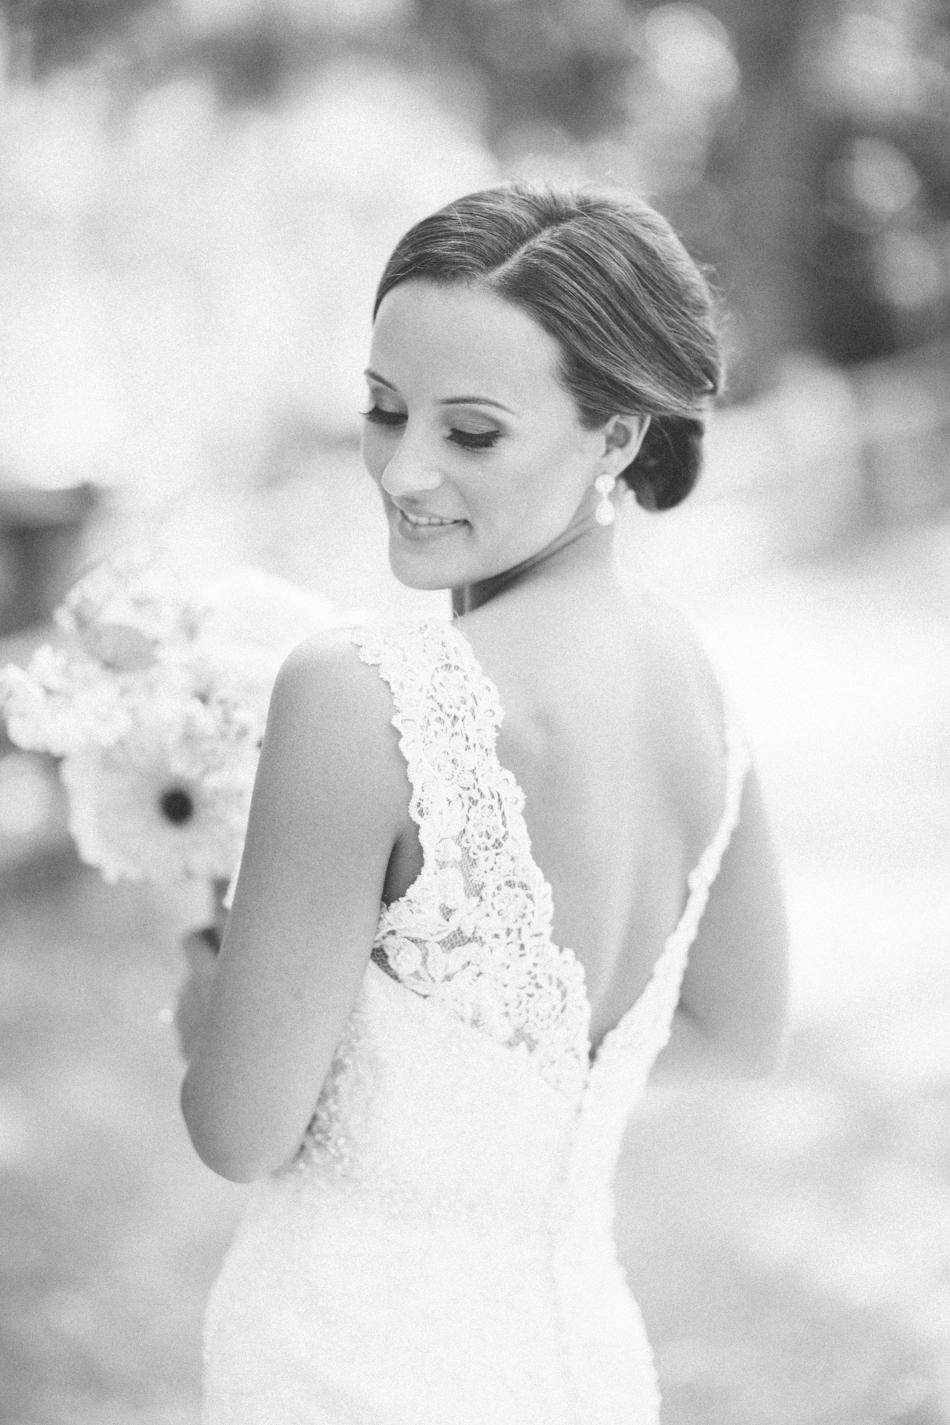 beauty by Paige Jones